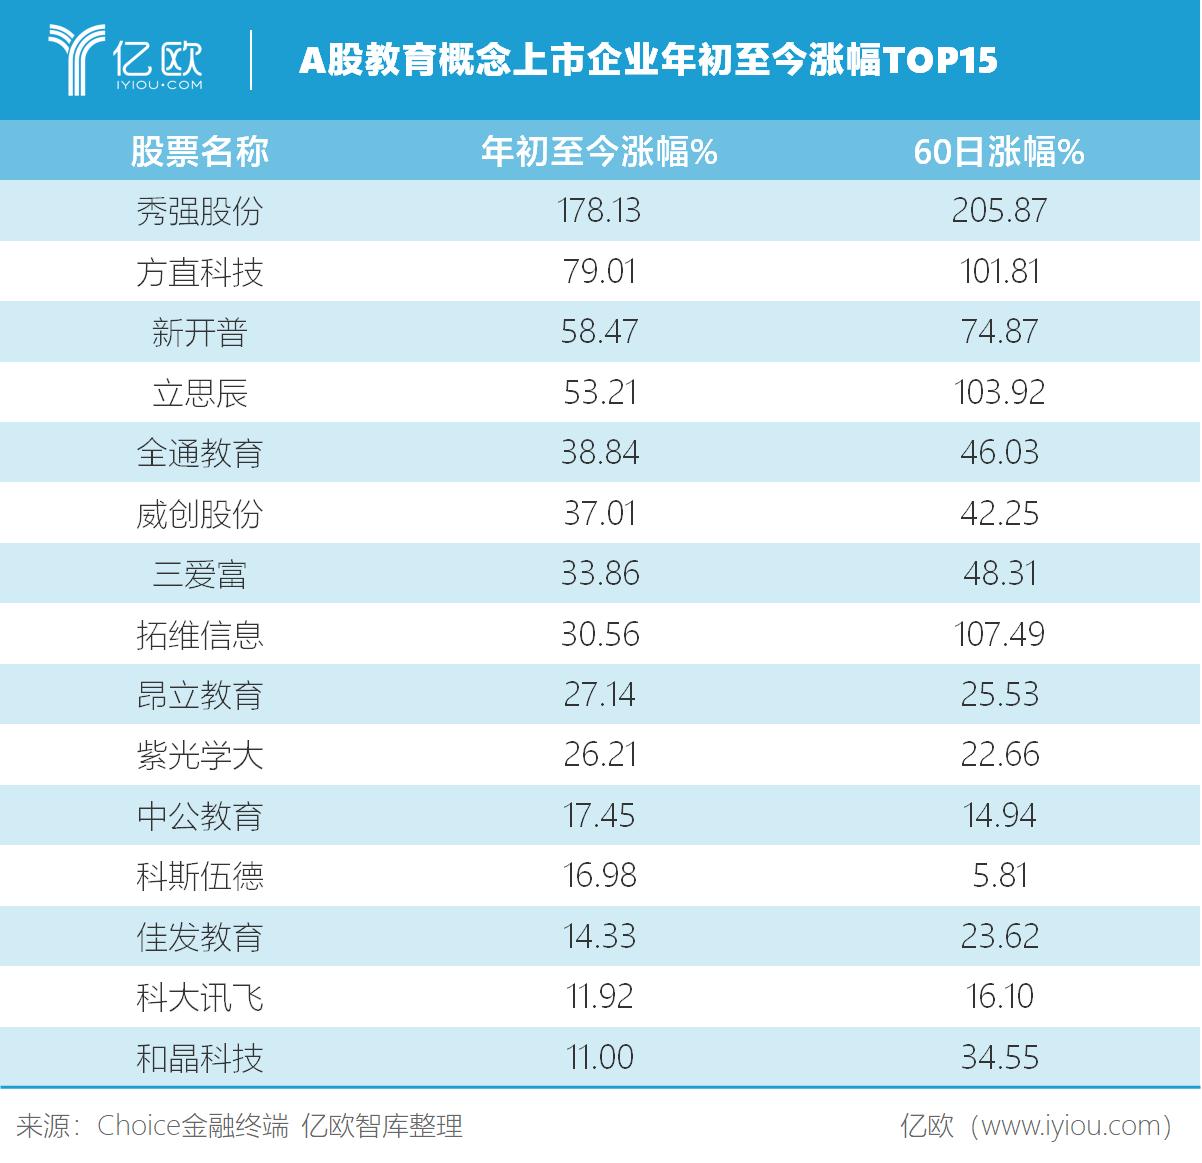 亿欧智库:A股教育概念上市企业年初至今涨幅TOP15